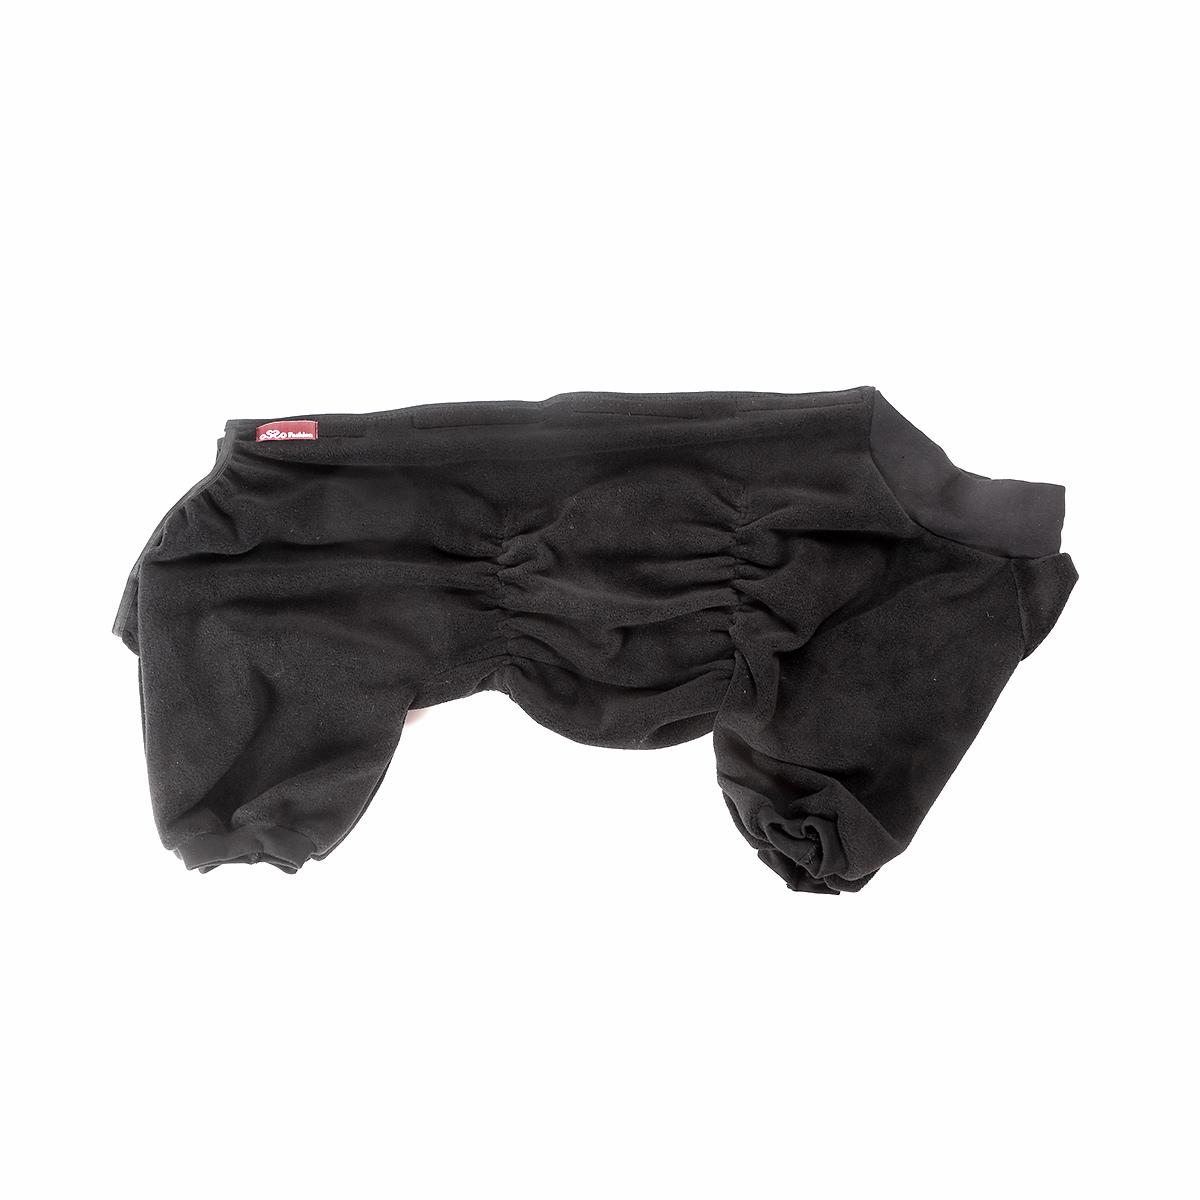 """Комбинезон для собак """"OSSO Fashion"""", для мальчика, цвет: графит. Размер 32"""